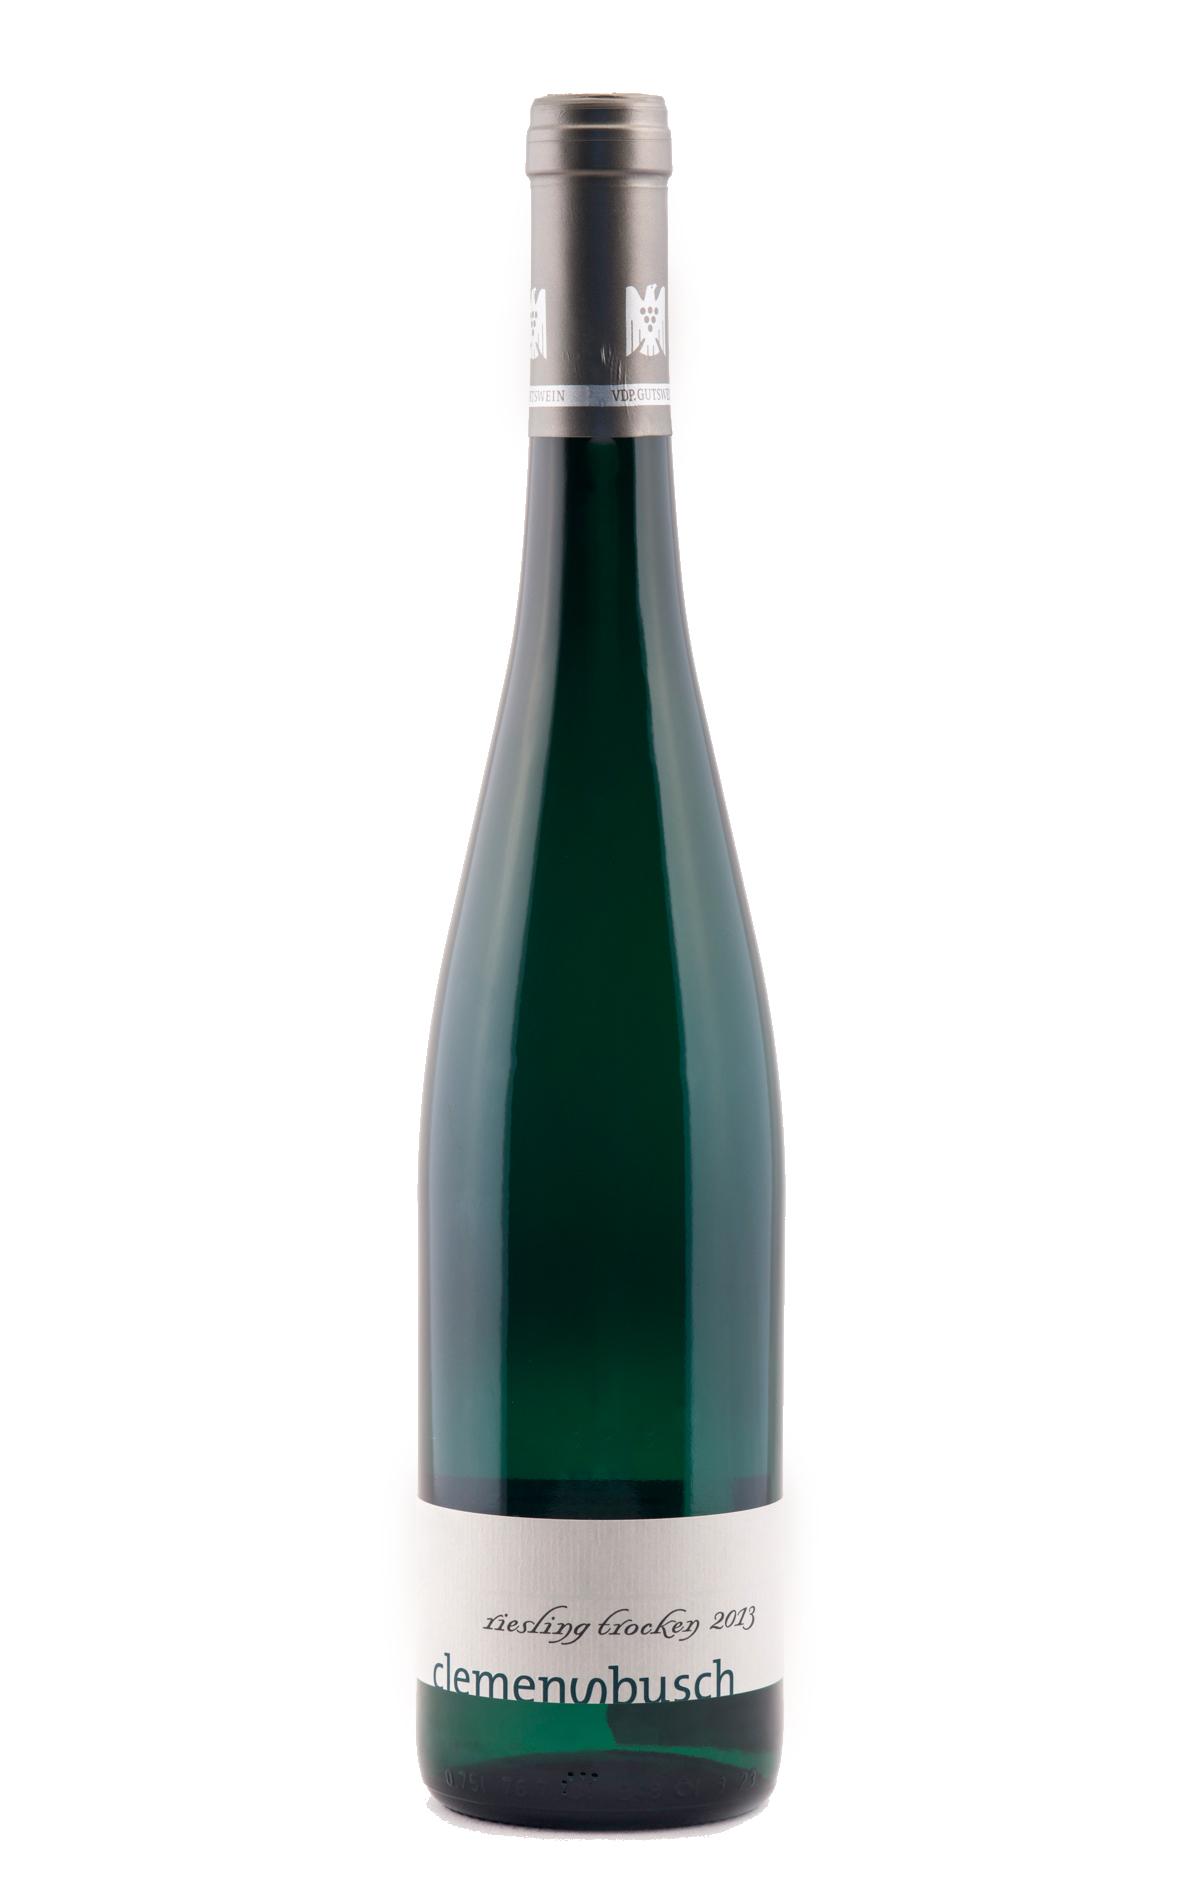 Clemens Busch_2013_Riesling Qualitätswein_trocken_VDP Gutswein